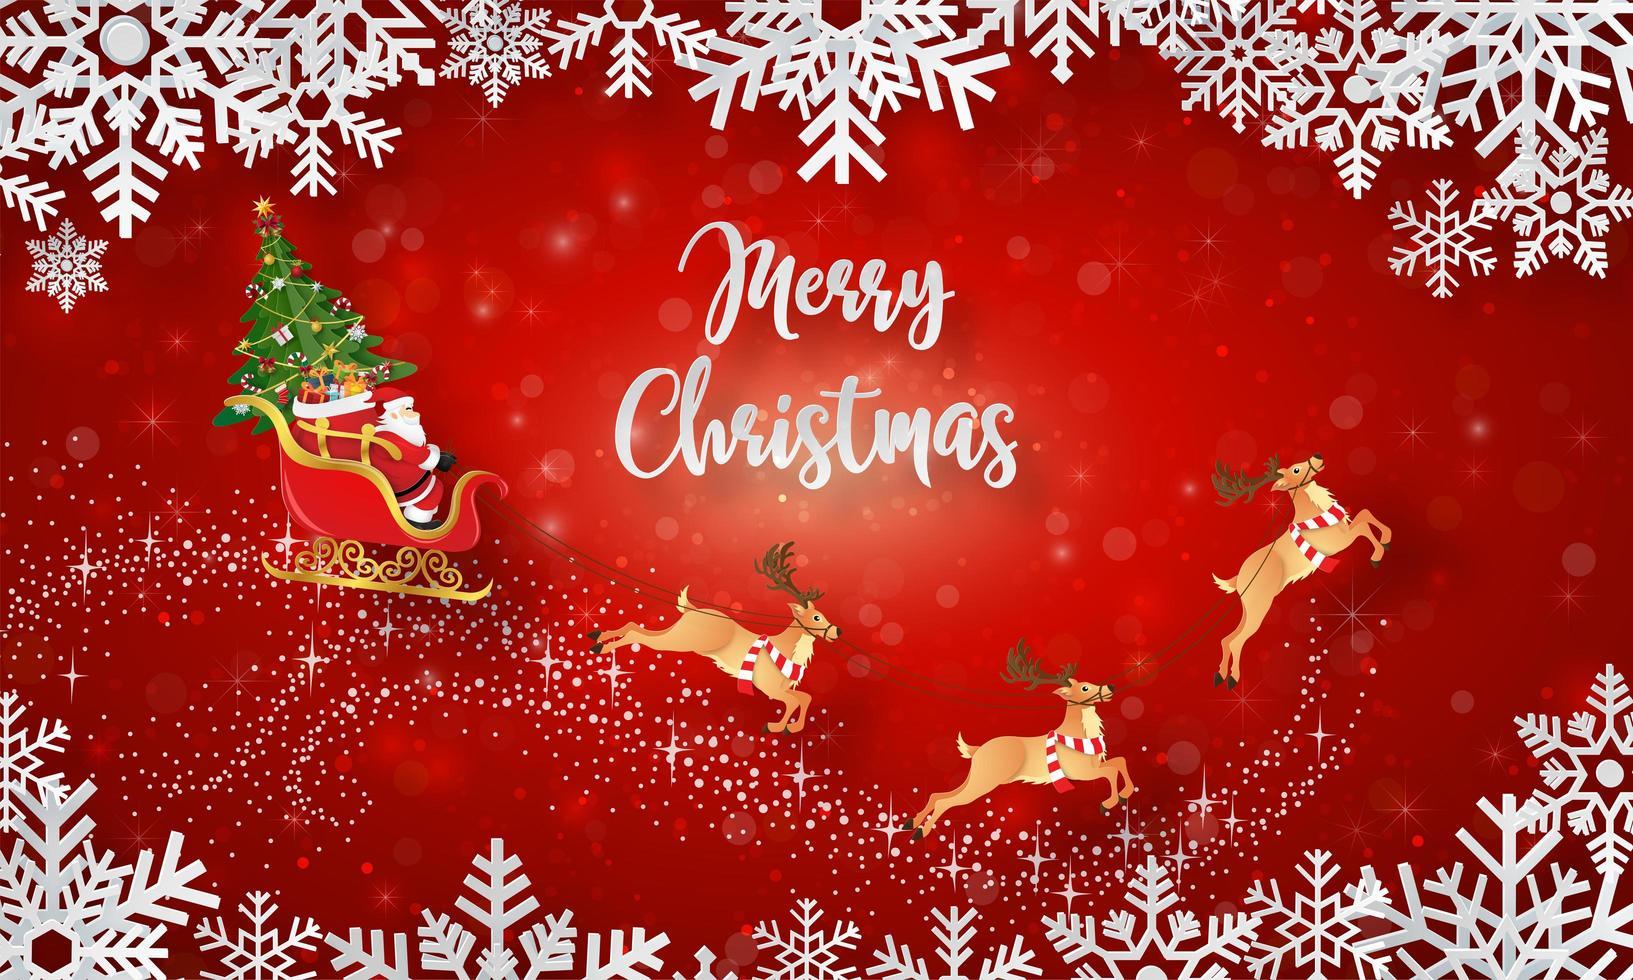 Père Noël sur un traîneau avec arbre de Noël sur bannière de carte postale de Noël vecteur